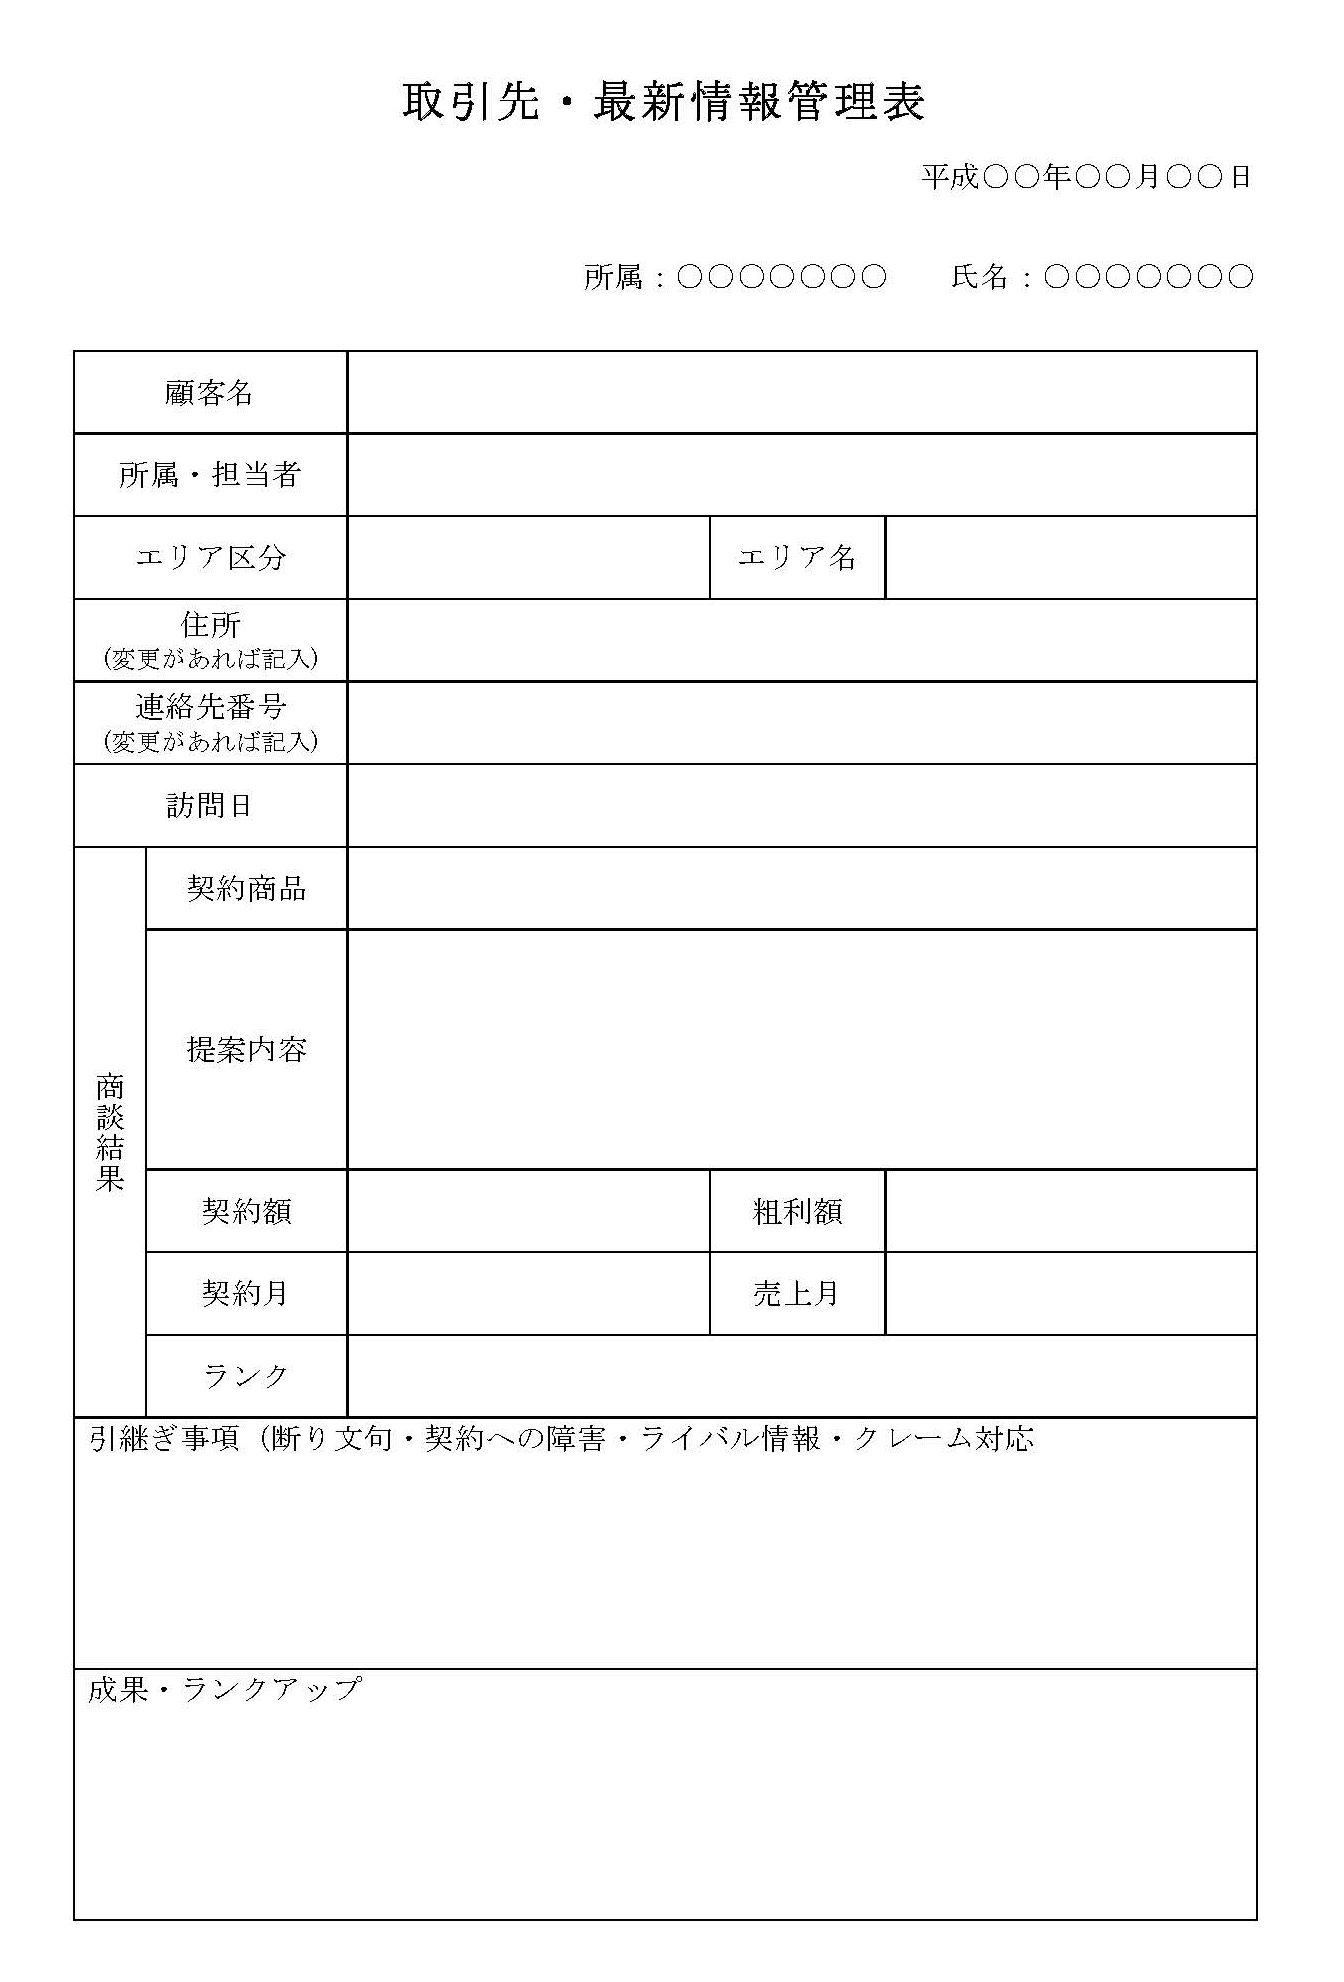 取引先・最新情報管理表